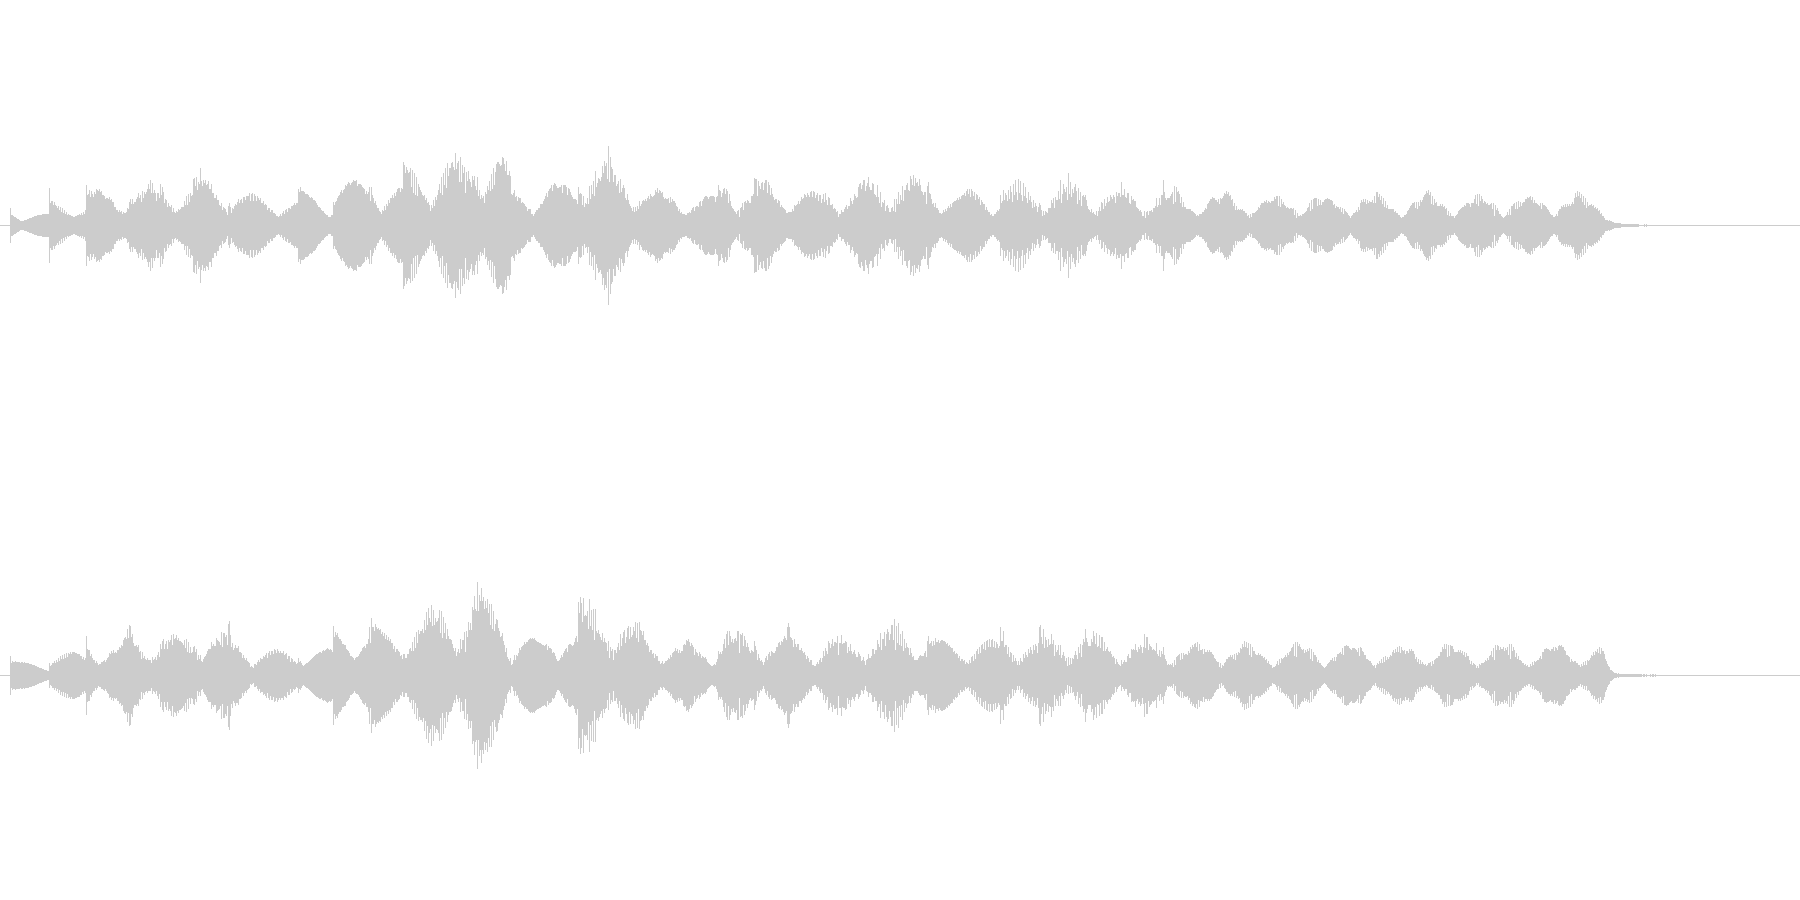 メロディックなエレピのジングルの未再生の波形